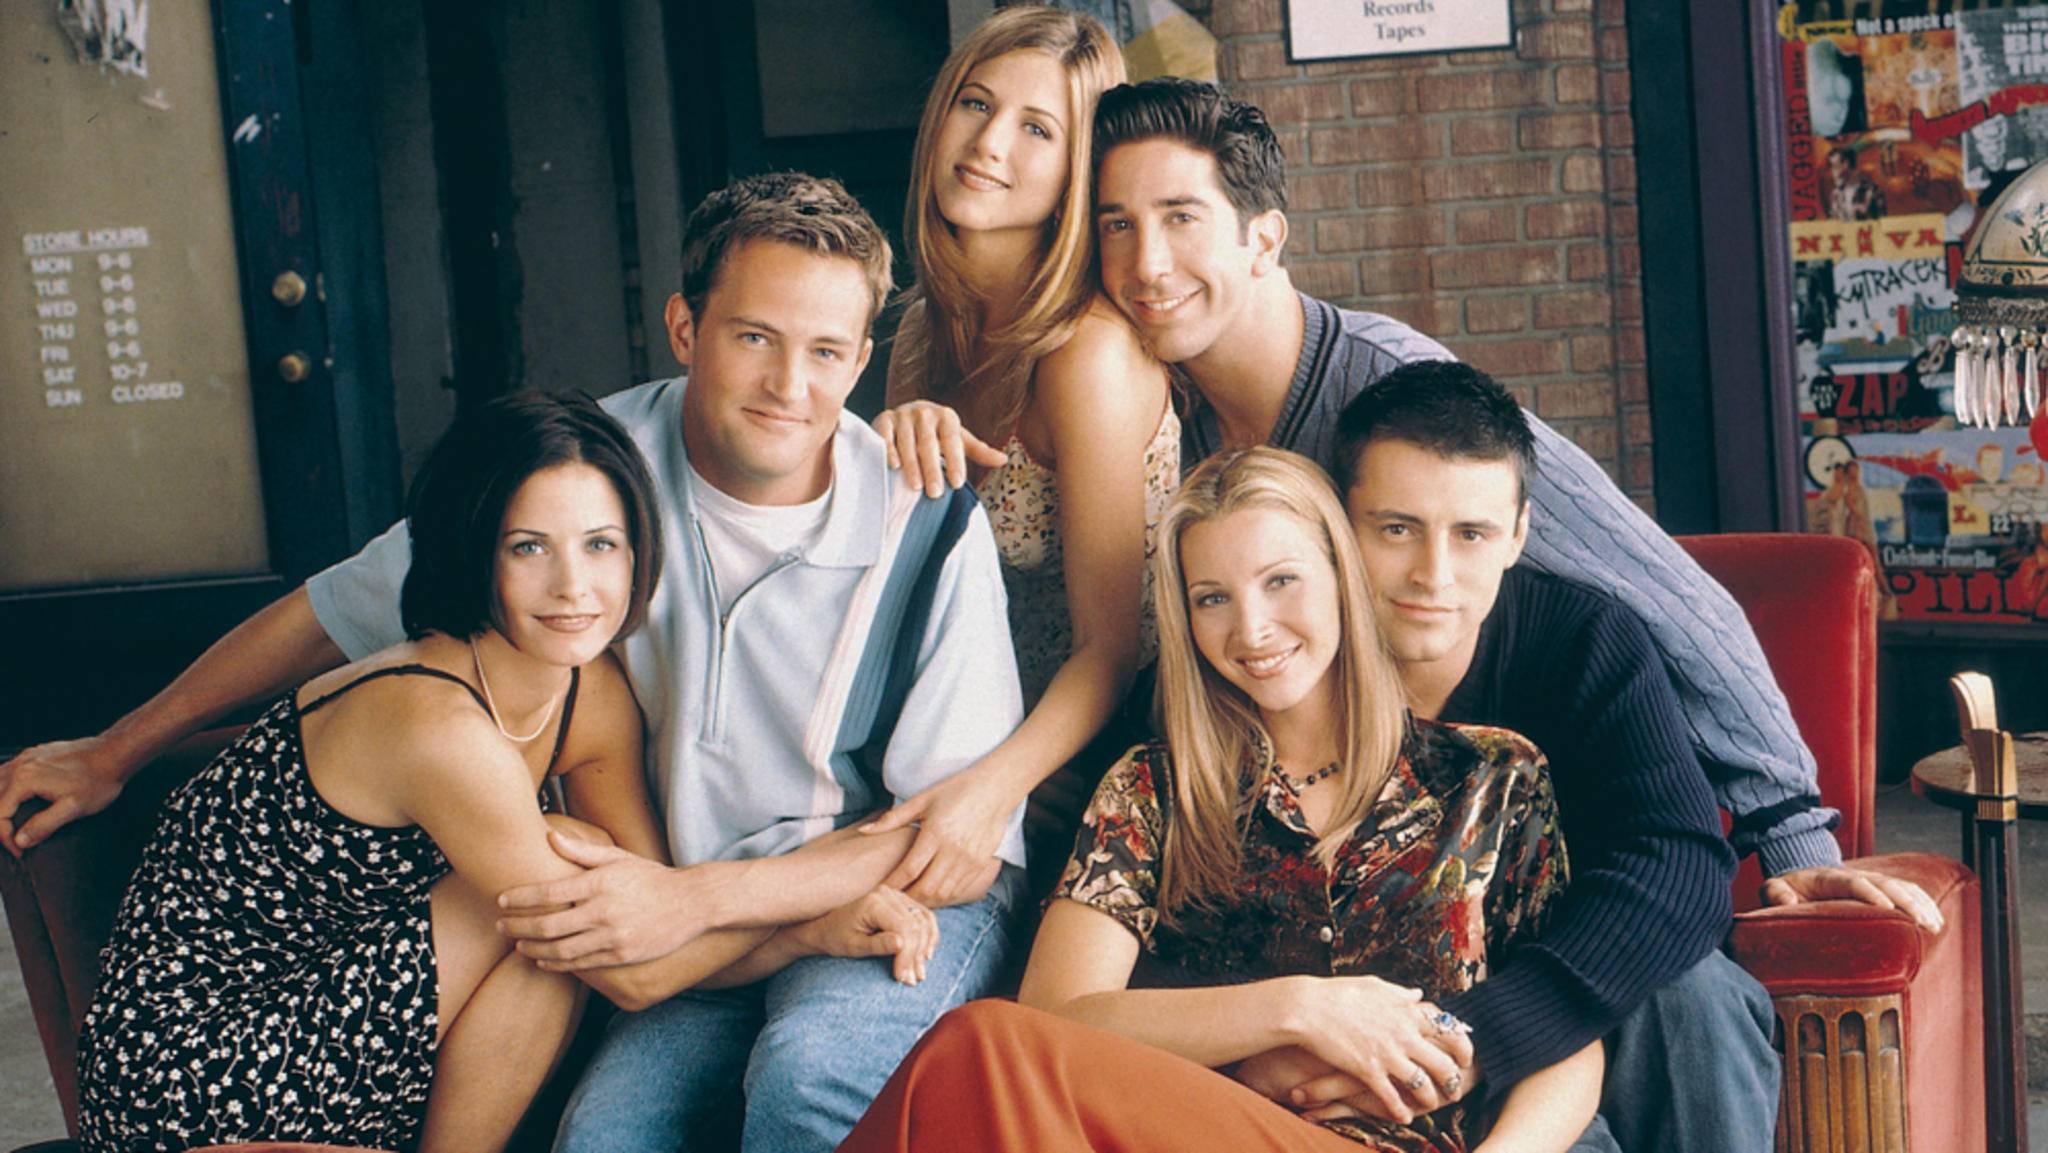 """Serien wie """"Friends"""" und Co. zeichnen ein witziges (Ideal-)Bild vom Erwachsensein. Die Realität sieht leider häufig anders aus ..."""